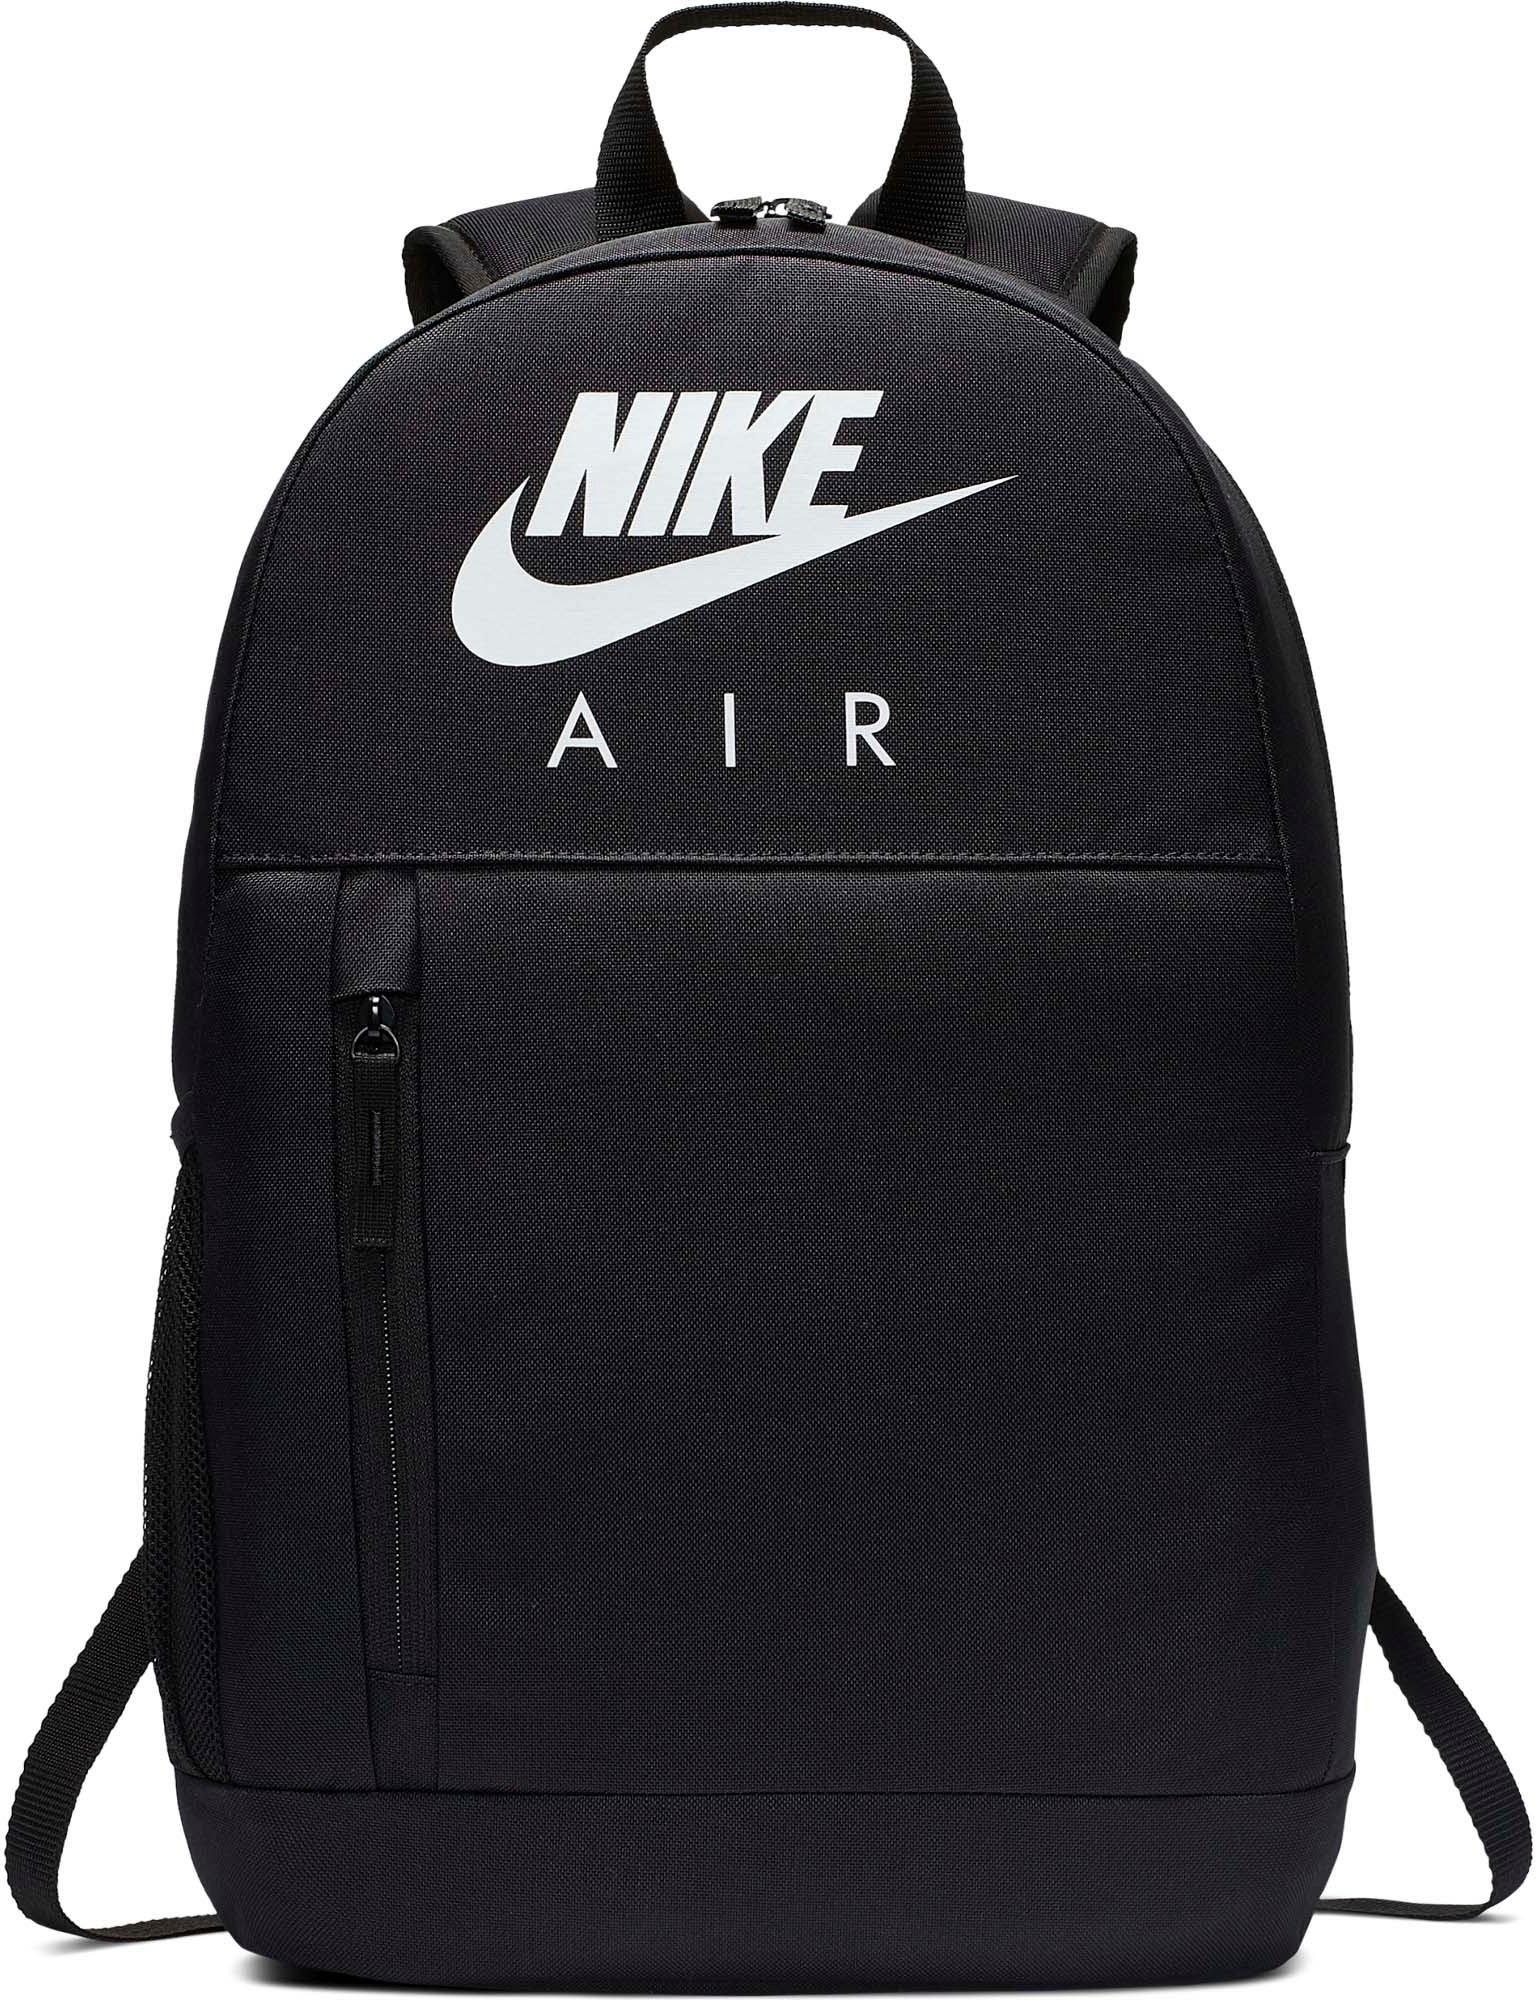 Nike Sportswear sportrugzak Y NK ELMNTL BKPK - GFX FA19 bij OTTO online kopen